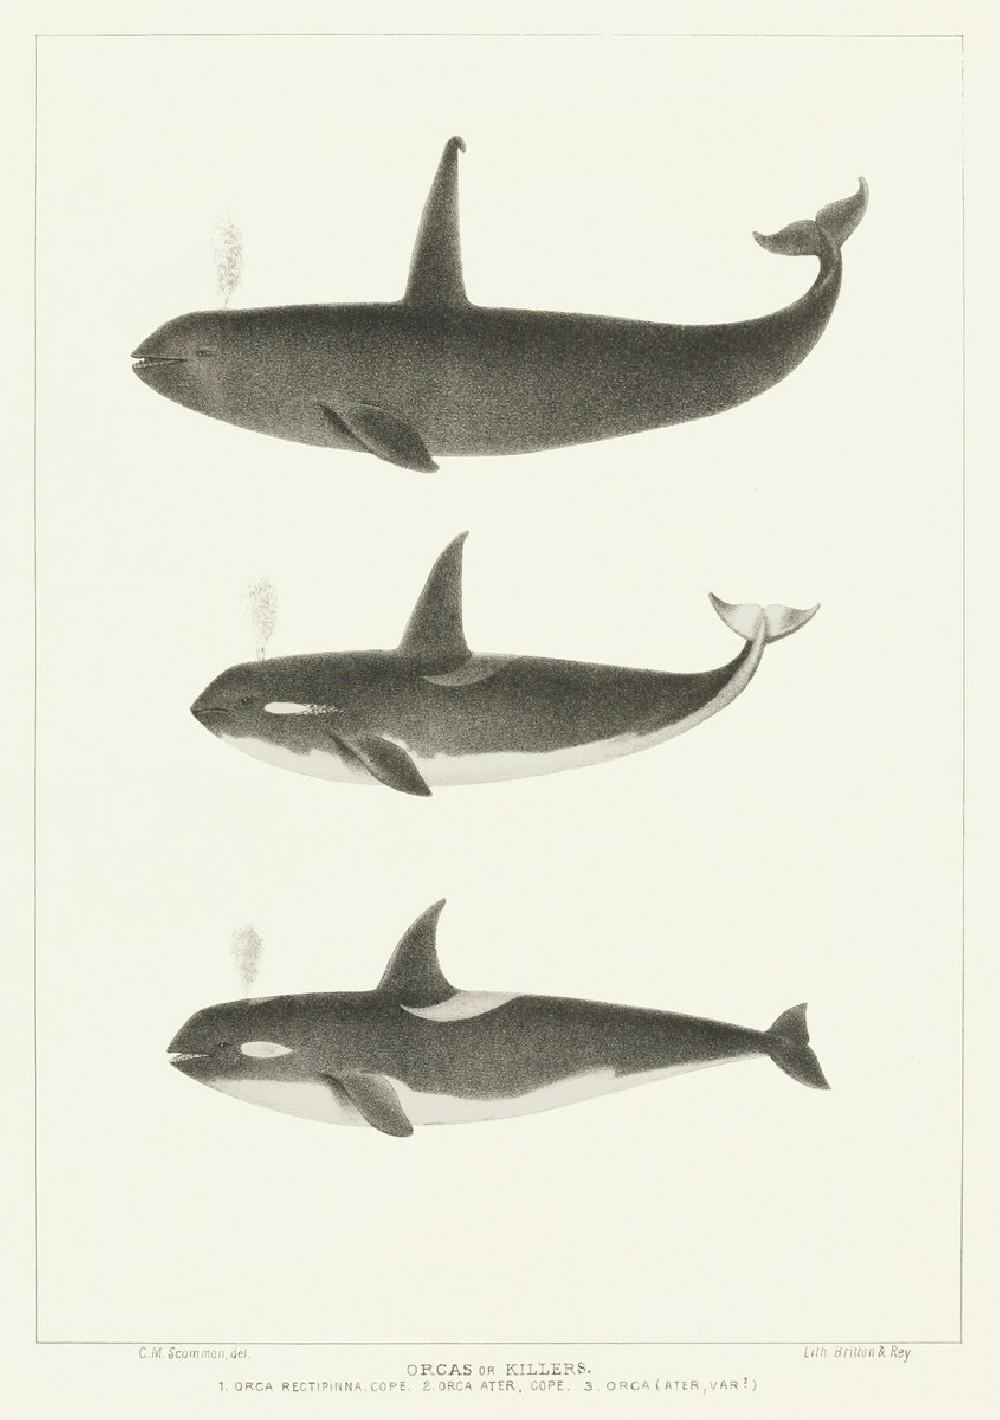 Orca or Killer whale (Orca rectipinna, Orca Ater)